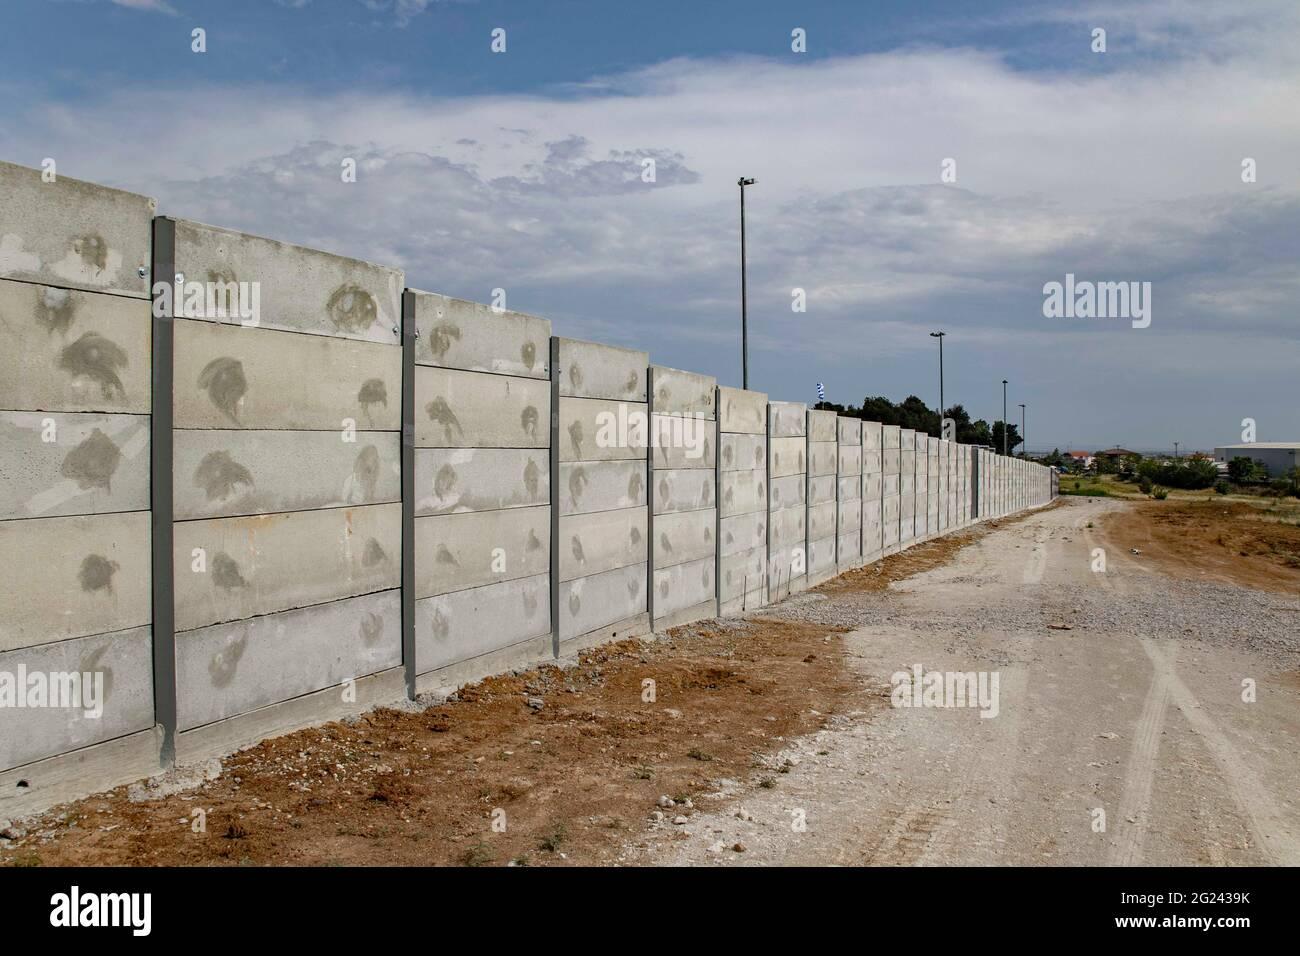 Thessaloniki, Griechenland. Juni 2021. Blick auf eine 3 Meter lange graue Mauer rund um das Diavata-Flüchtlingslager in der Nähe von Thessaloniki.um die Flüchtlingslager auf dem griechischen Festland und auf den griechischen Inseln werden hohe Betonwände errichtet, ein Schritt, den Griechenland für Sicherheitszwecke beansprucht. (Foto von Nik Oiko/SOPA Images/Sipa USA) Quelle: SIPA USA/Alamy Live News Stockfoto